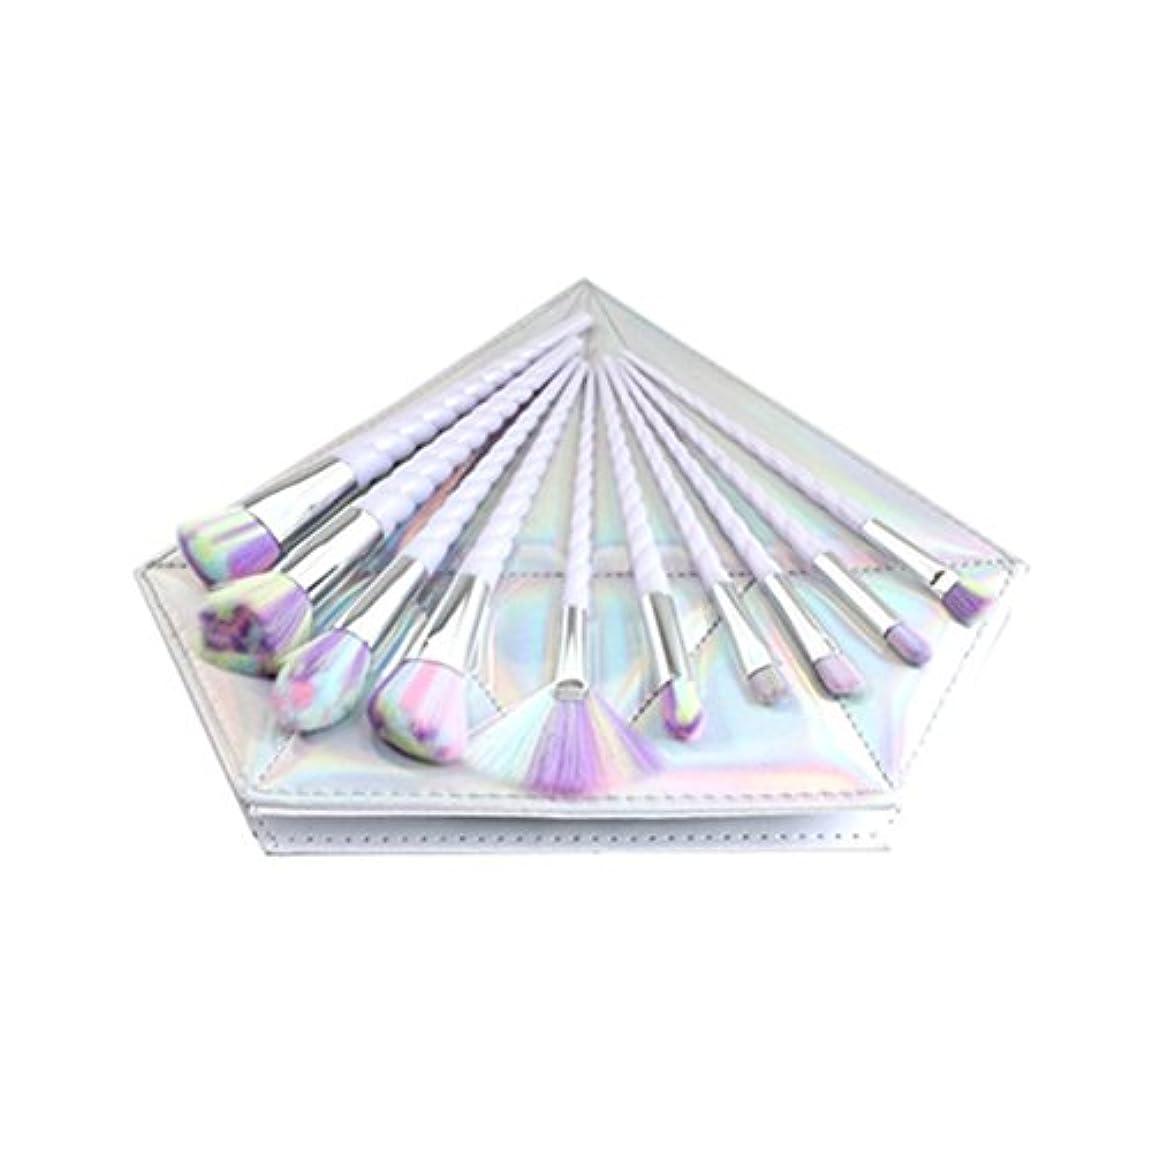 ビリースケッチスカーフDilla Beauty 10本セットユニコーンデザインプラスチックハンドル形状メイクブラシセット合成毛ファンデーションブラシアイシャドーブラッシャー美容ツール美しい化粧品のバッグを送る (白いハンドル - 多色の毛)